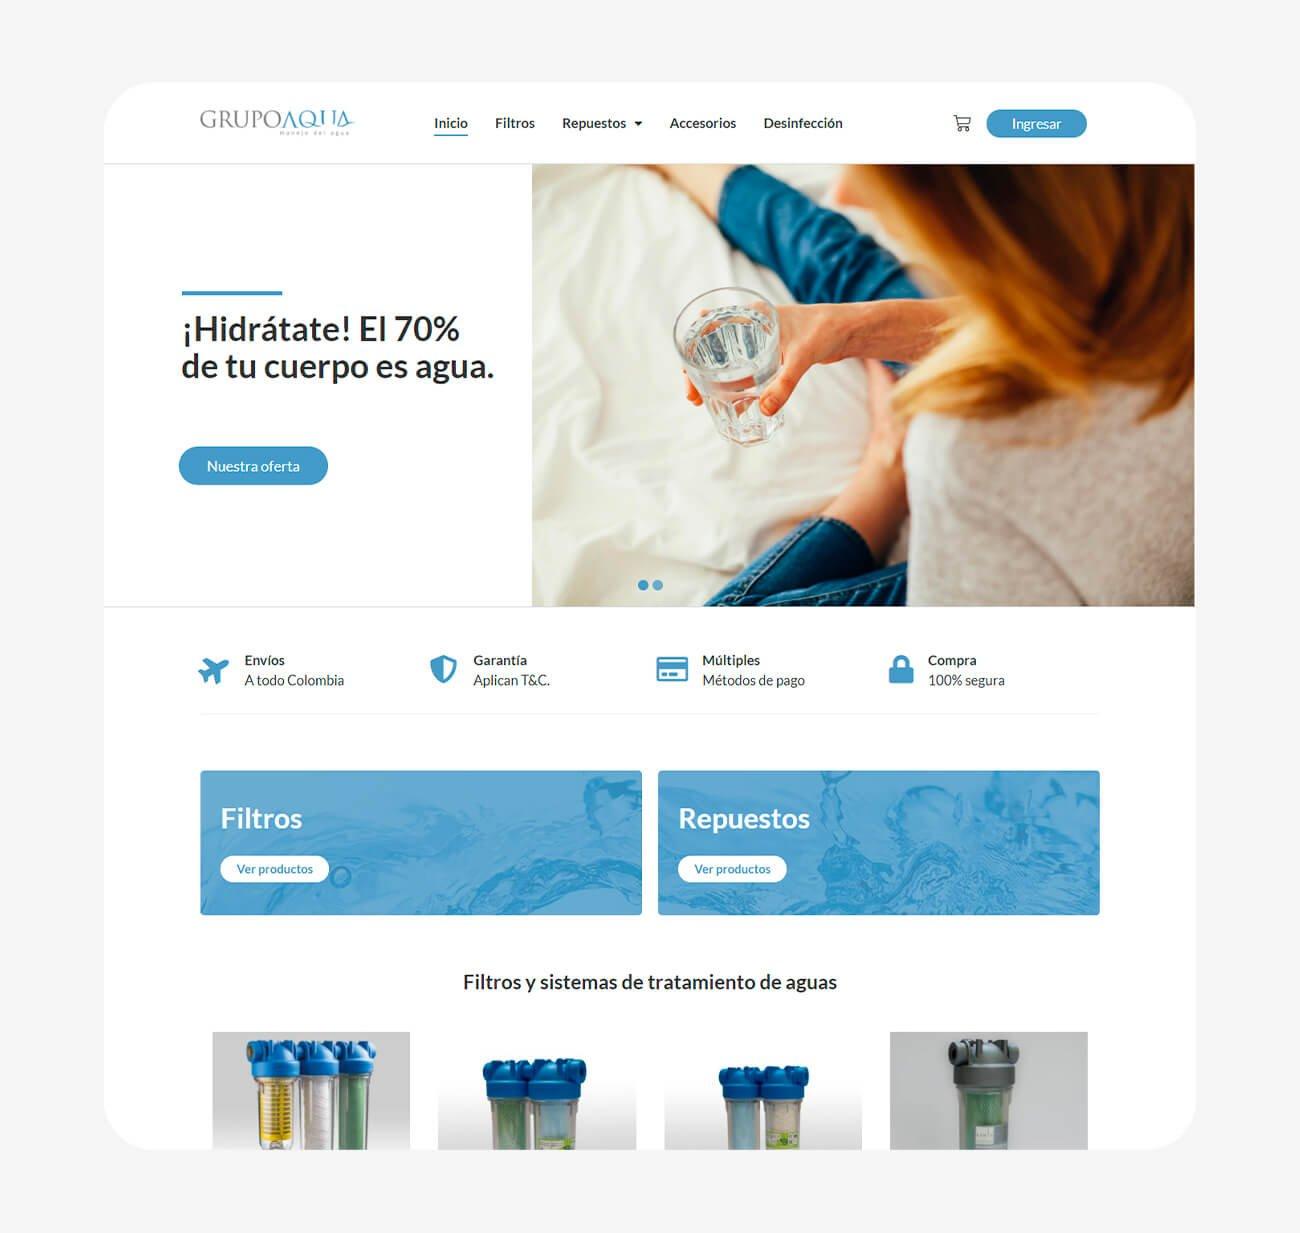 Tienda Grupo Aqua